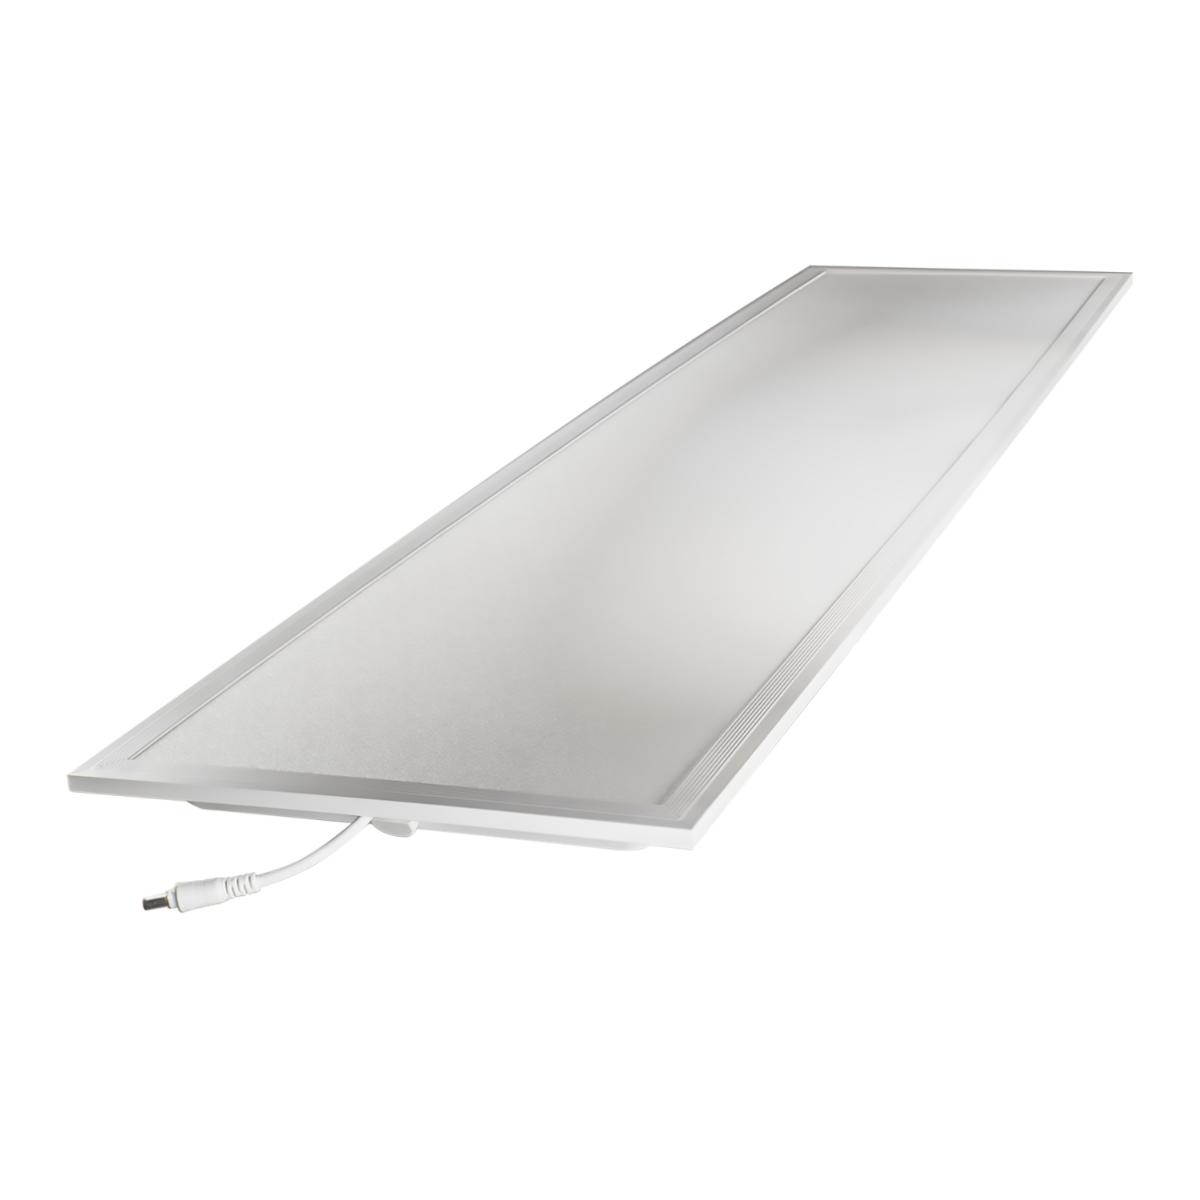 Noxion LED Paneel Econox 32W Xitanium DALI 30x120cm 6500K 4400lm UGR <22 | Dali Dimbaar - Vervanger voor 2x36W